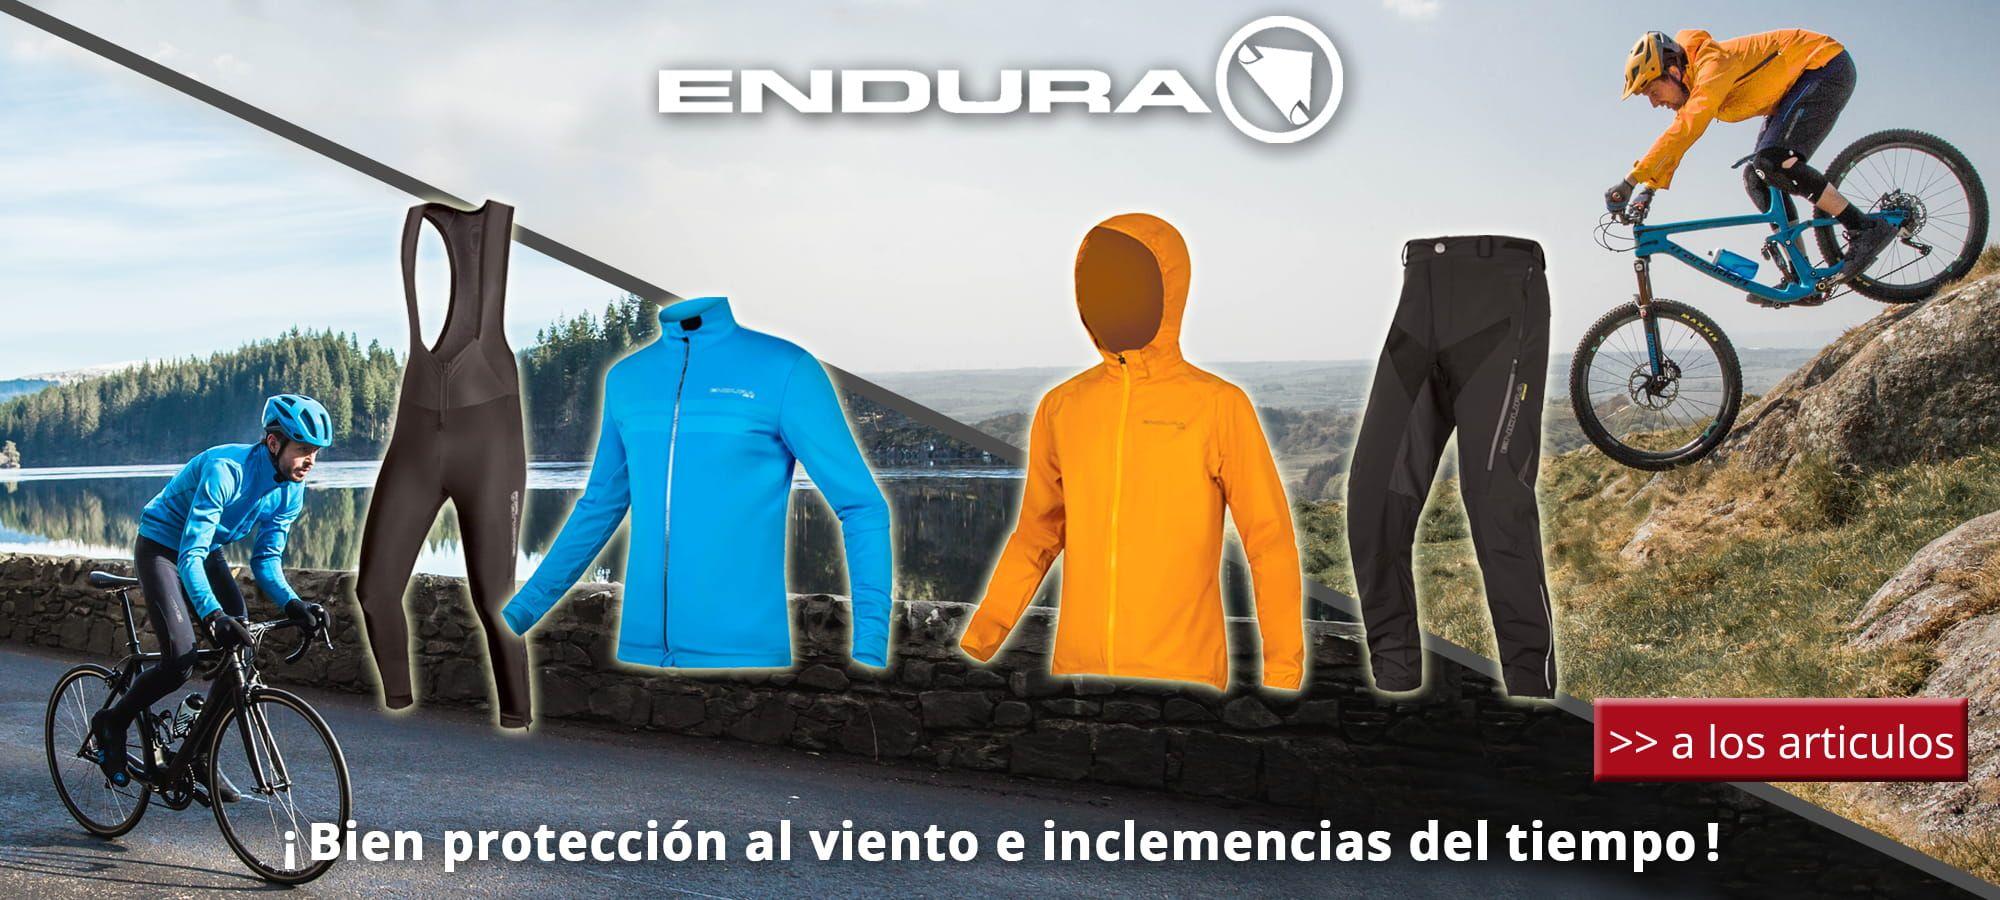 Otoño / invierno Endura 2018 - ¡ Bien protección al viento e inclemencias del tiempo !